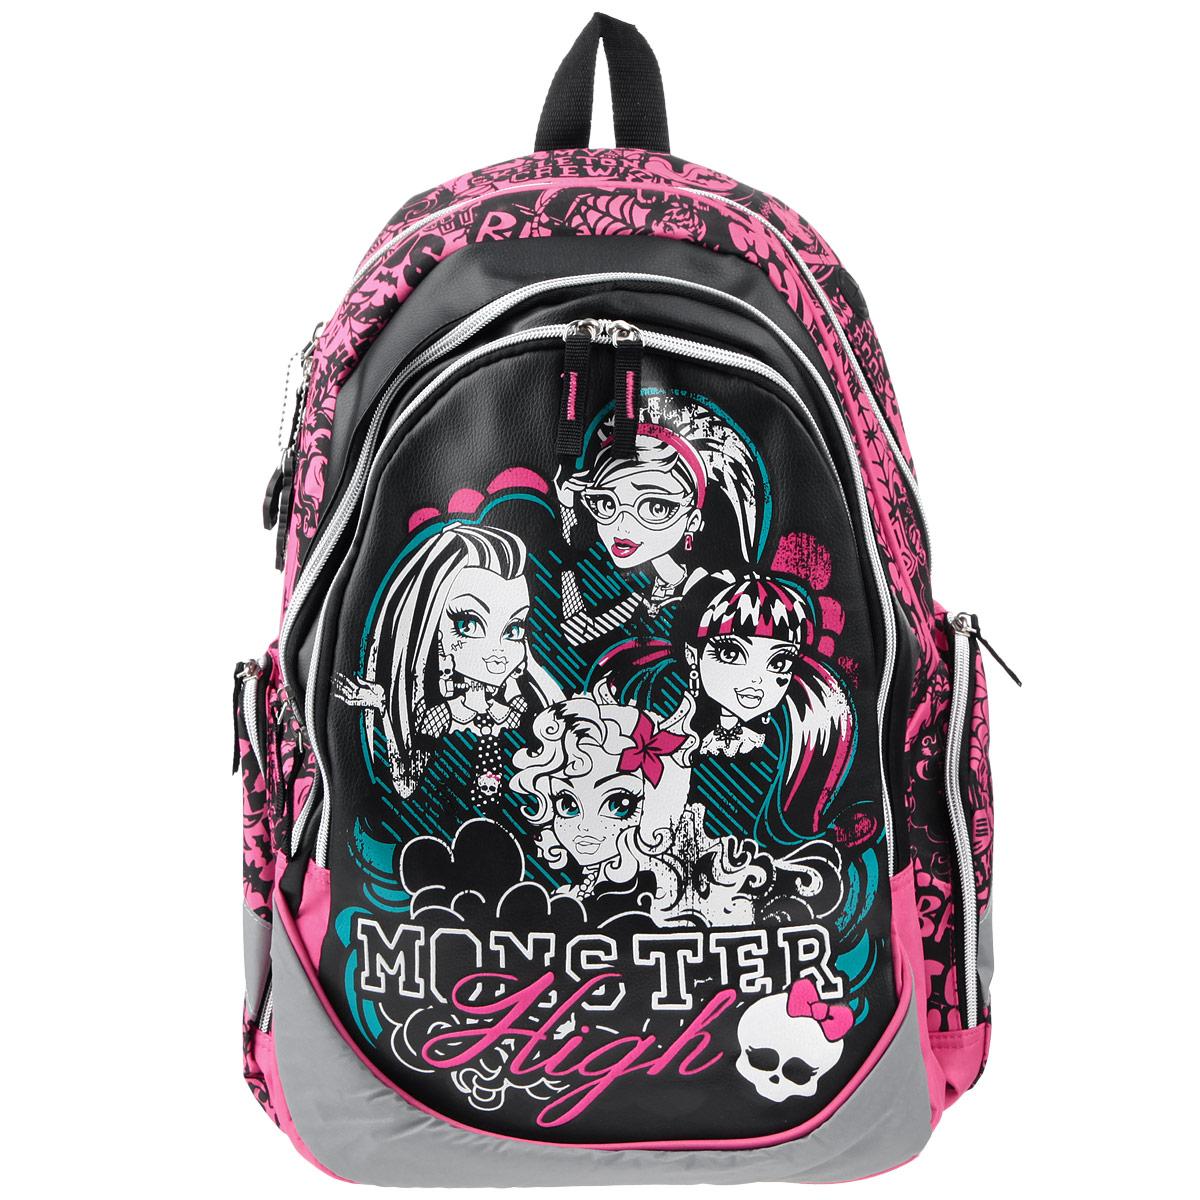 Рюкзак детский Monster High, цвет: черный, белый, розовый, бирюзовый. MHBB-RT3-976MHBB-RT3-976Детский рюкзак Monster High с эргономической спинкой непременно понравится вашему ребенку. Спинка рюкзака мягкая с воздухообменным сетчатым материалом. Благодаря применяемым технологиям между стенкой рюкзака и спиной ребенка постоянно циркулирует воздух, позволяя спине дышать. Лямки рюкзака специальной S-образной формы с воздухообменным сетчатым материалом. Длина регулируется, и рюкзак растет вместе с ребенком. Рюкзак оснащен двумя отделениями. Основное, самое вместительное, имеет внутренний карман на молнии и разделитель на липучке. Это отделение может быть использовано для переноски ноутбука. Второе отделение не имеет дополнительных карманов. На фронтальной части располагается карман на молнии с органайзером, украшенный ярким принтом. В органайзере расположен открытый карман, небольшой закрытый карман на молнии и два маленьких кармашка для канцелярских принадлежностей. По бокам рюкзака расположены 2 закрытых кармана на молнии. Дно рюкзака мягкое, выполнено со вставкой из...